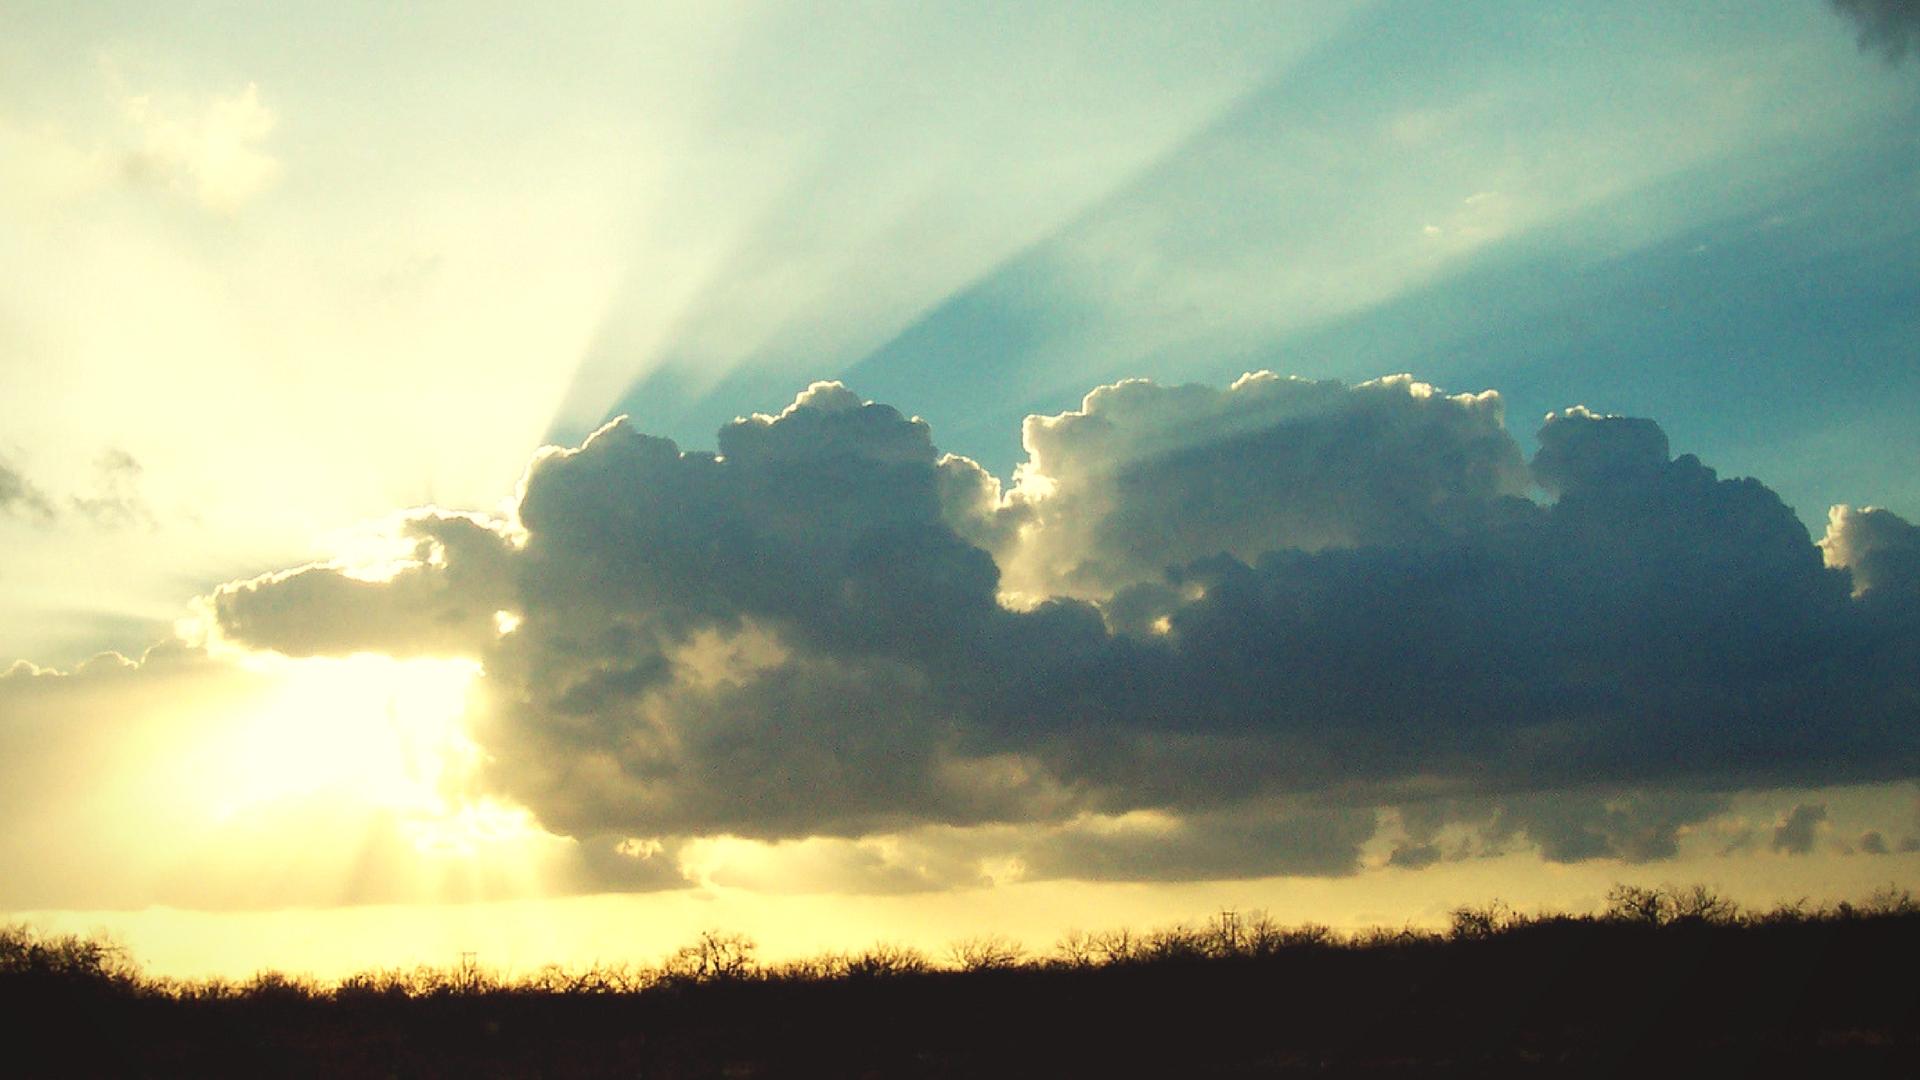 sunlight-bible